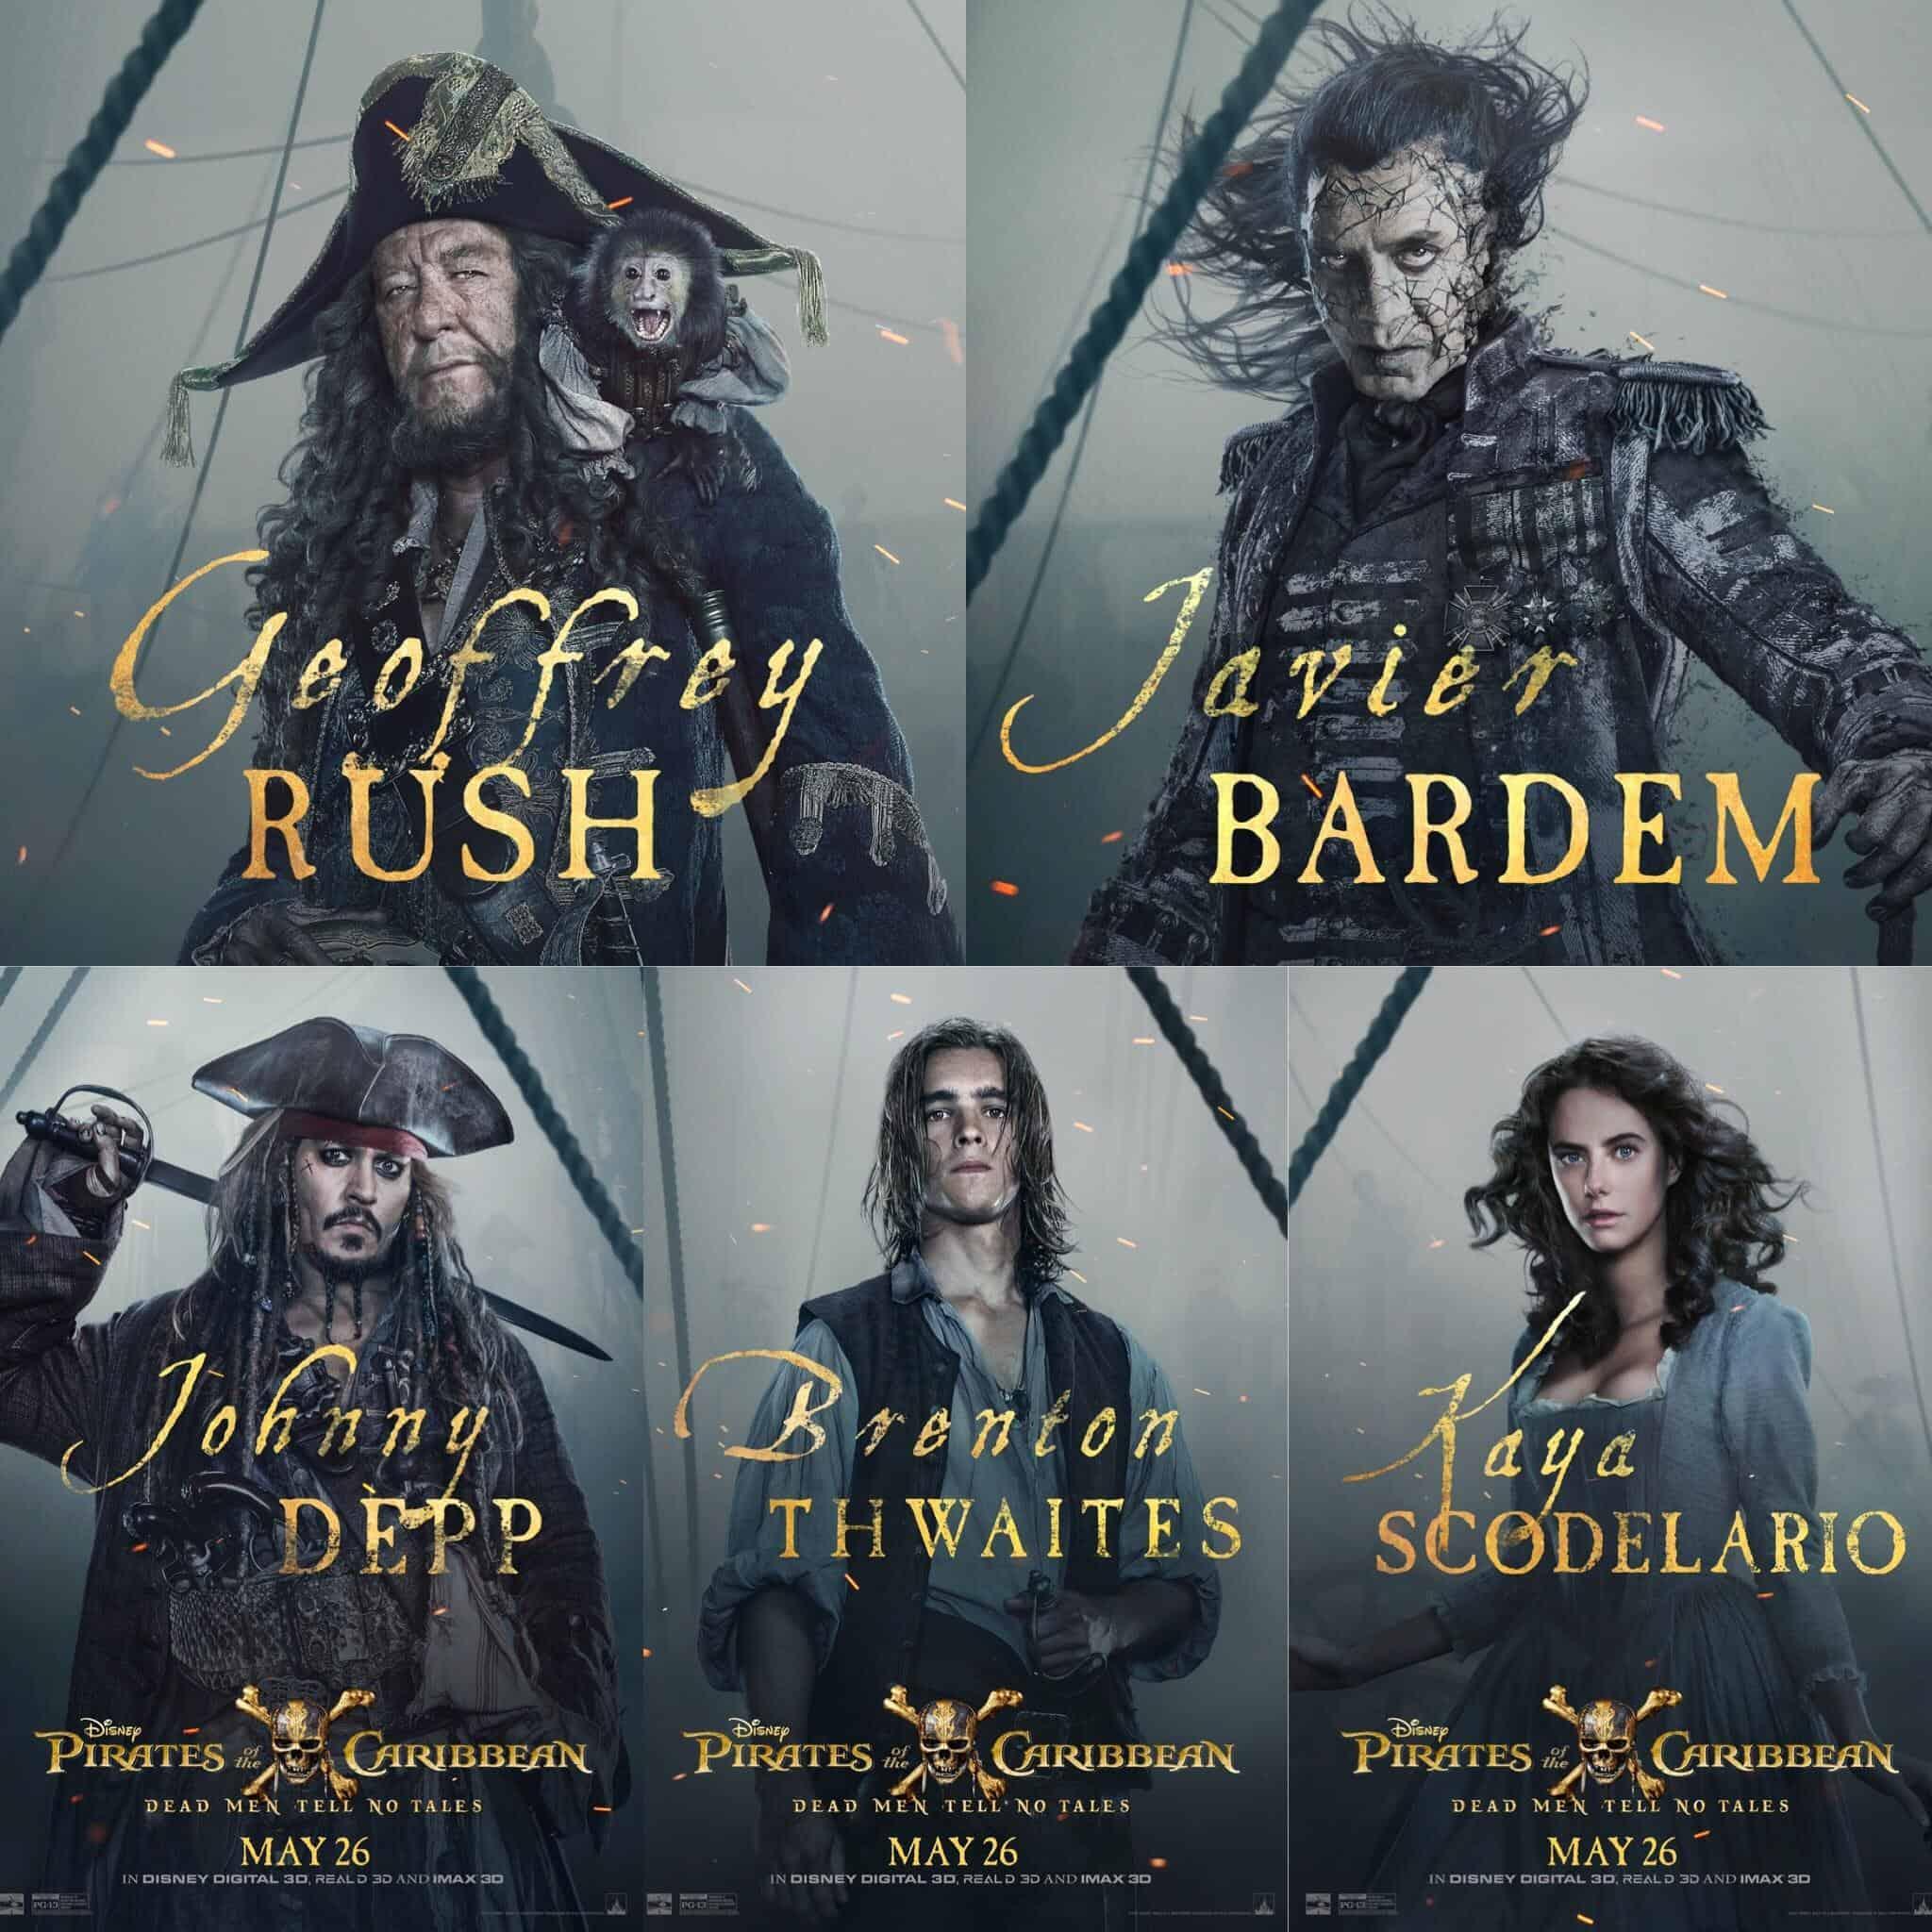 8c49ea09d809b New Pirates of the Caribbean: Dead Men Tell No Tales Cast Posters